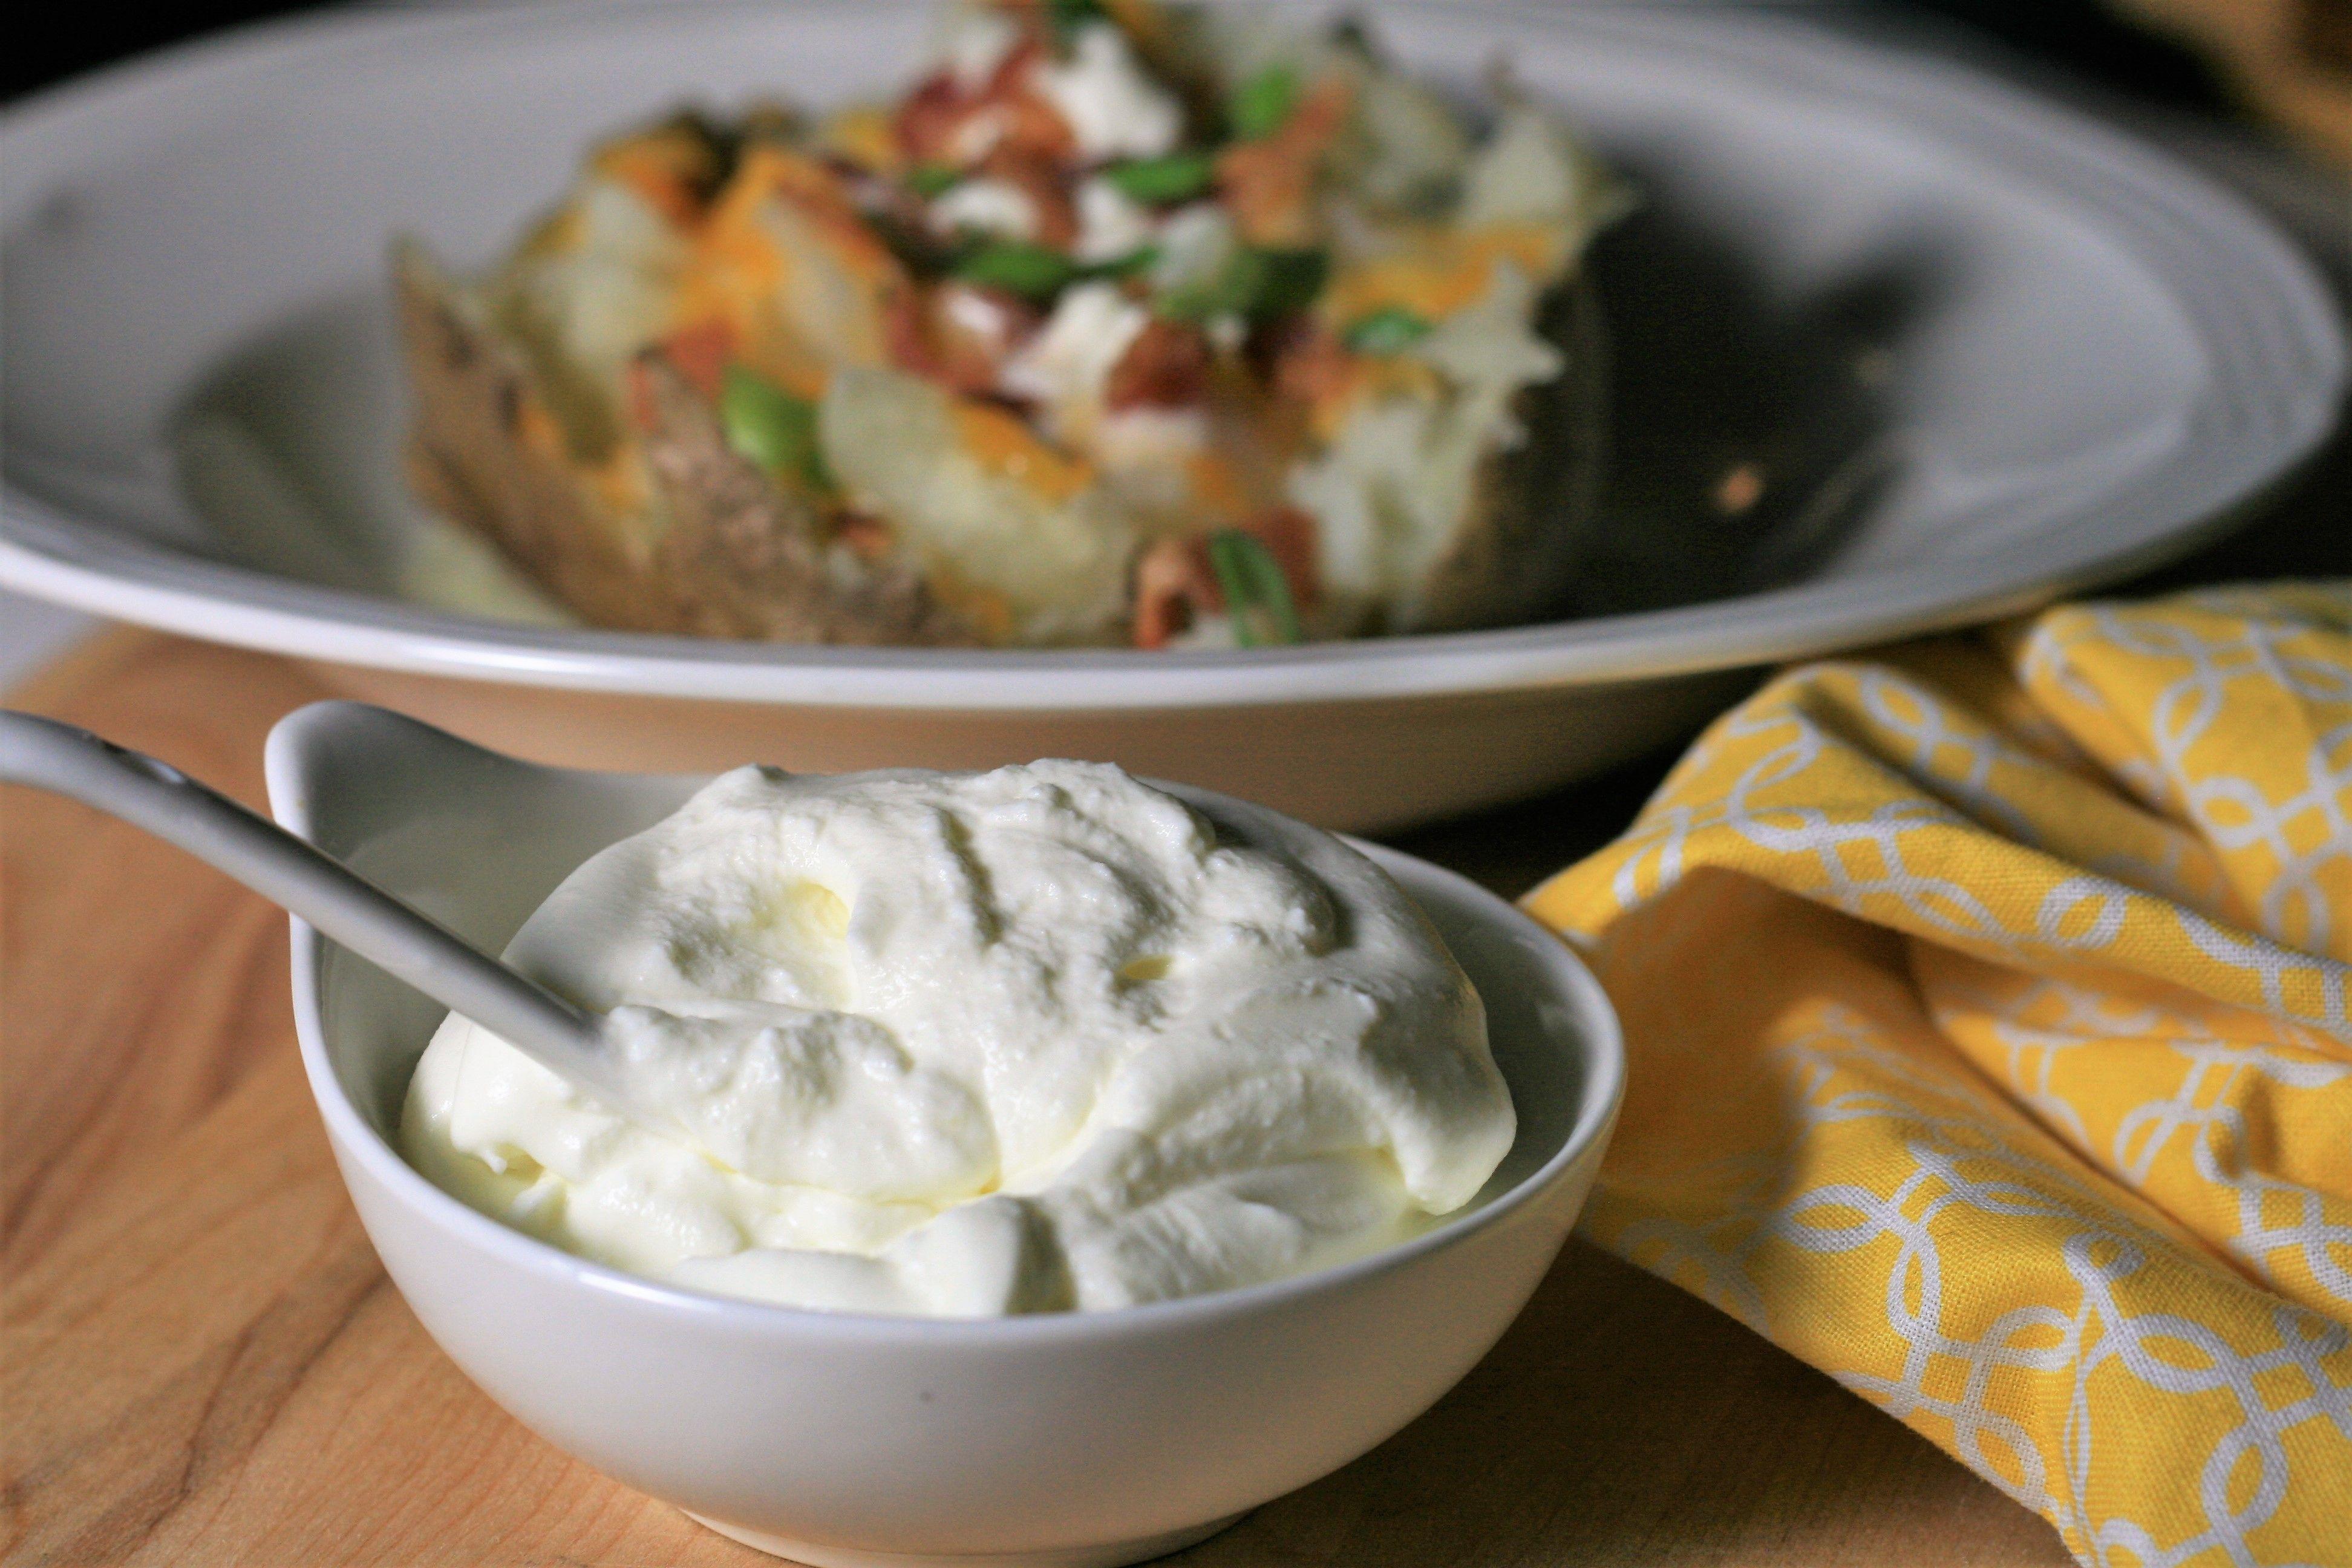 Homemade Sour Cream Recipe In 2020 Homemade Sour Cream Sour Cream Recipes Homemade Sour Cream Recipe